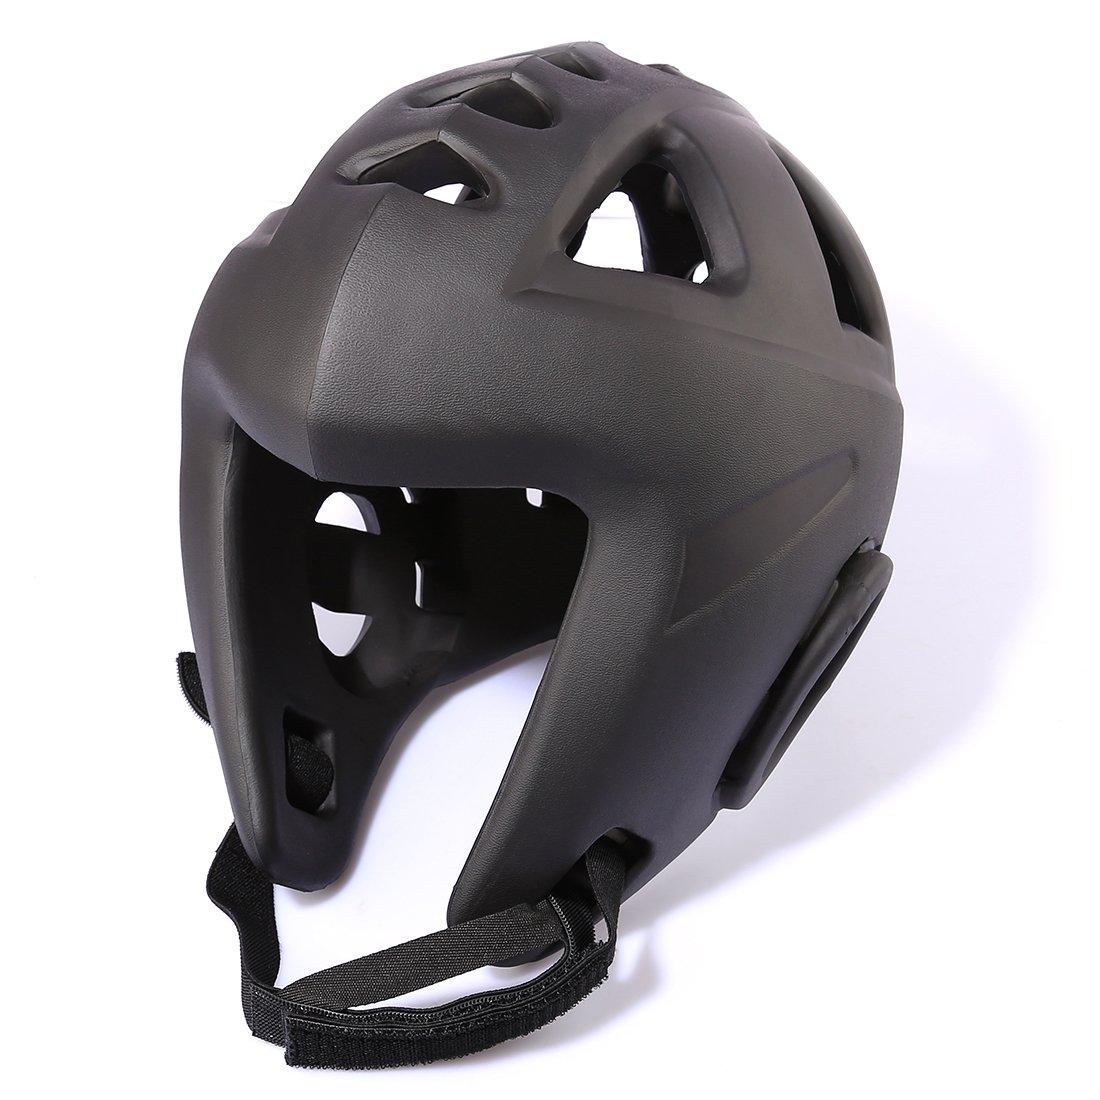 ヘッド保護ヘルメット、haoun Eva Boxing Headgear MMAプロテクターUFC Fightingヘルメット B075KP6ZTD ブラック Large